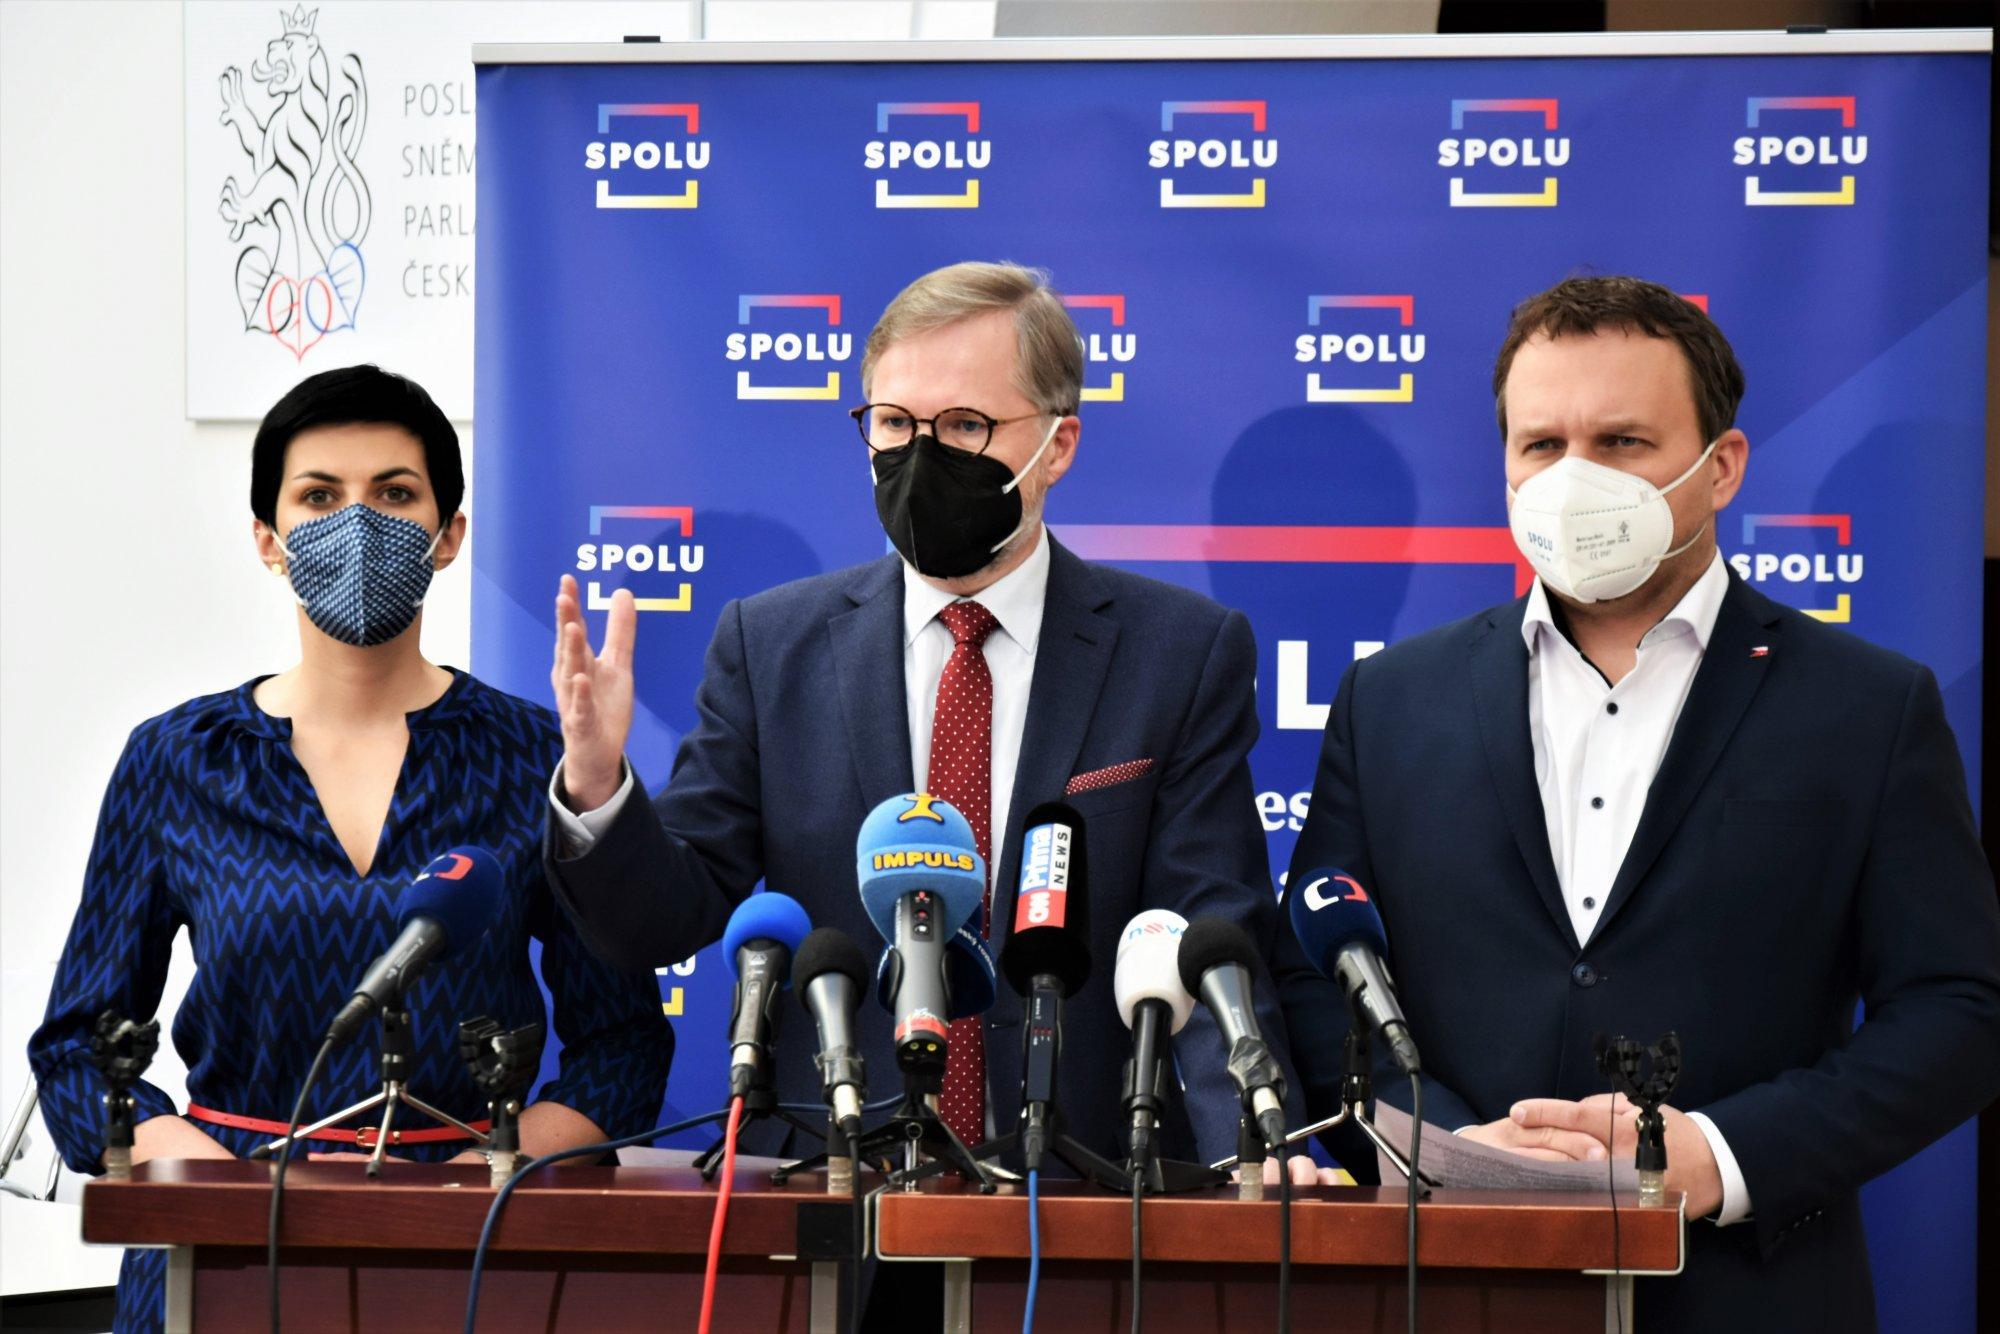 SPOLU: Vicepremiér Hamáček musí vše detailně vysvětlit! Zatím jen vrší další otazníky